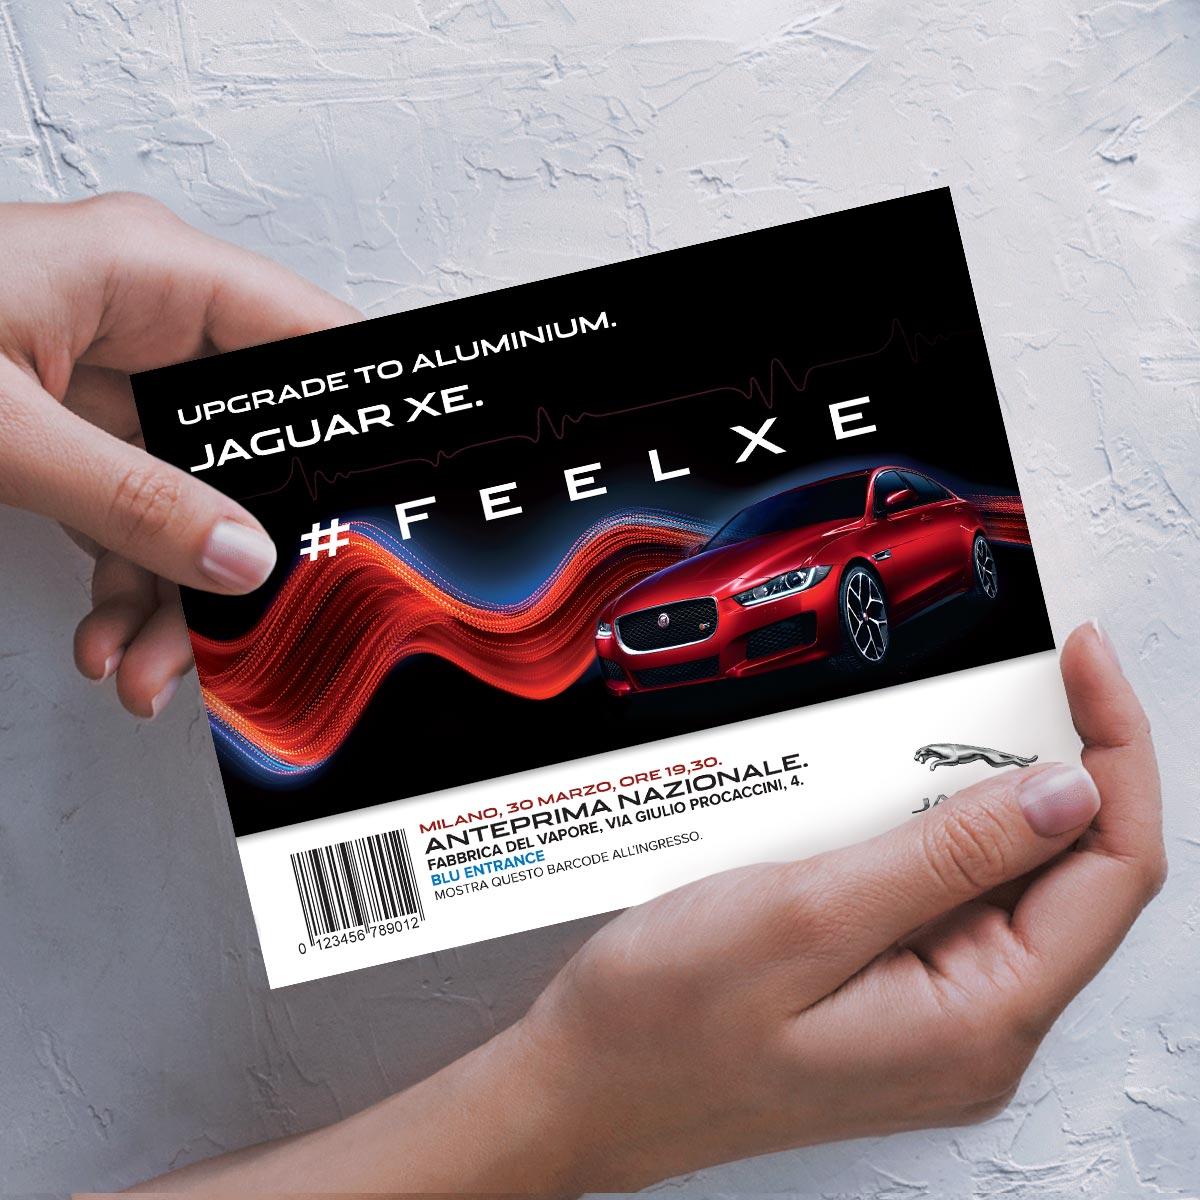 Invito all'anteprima nazionale della Jaguar XE